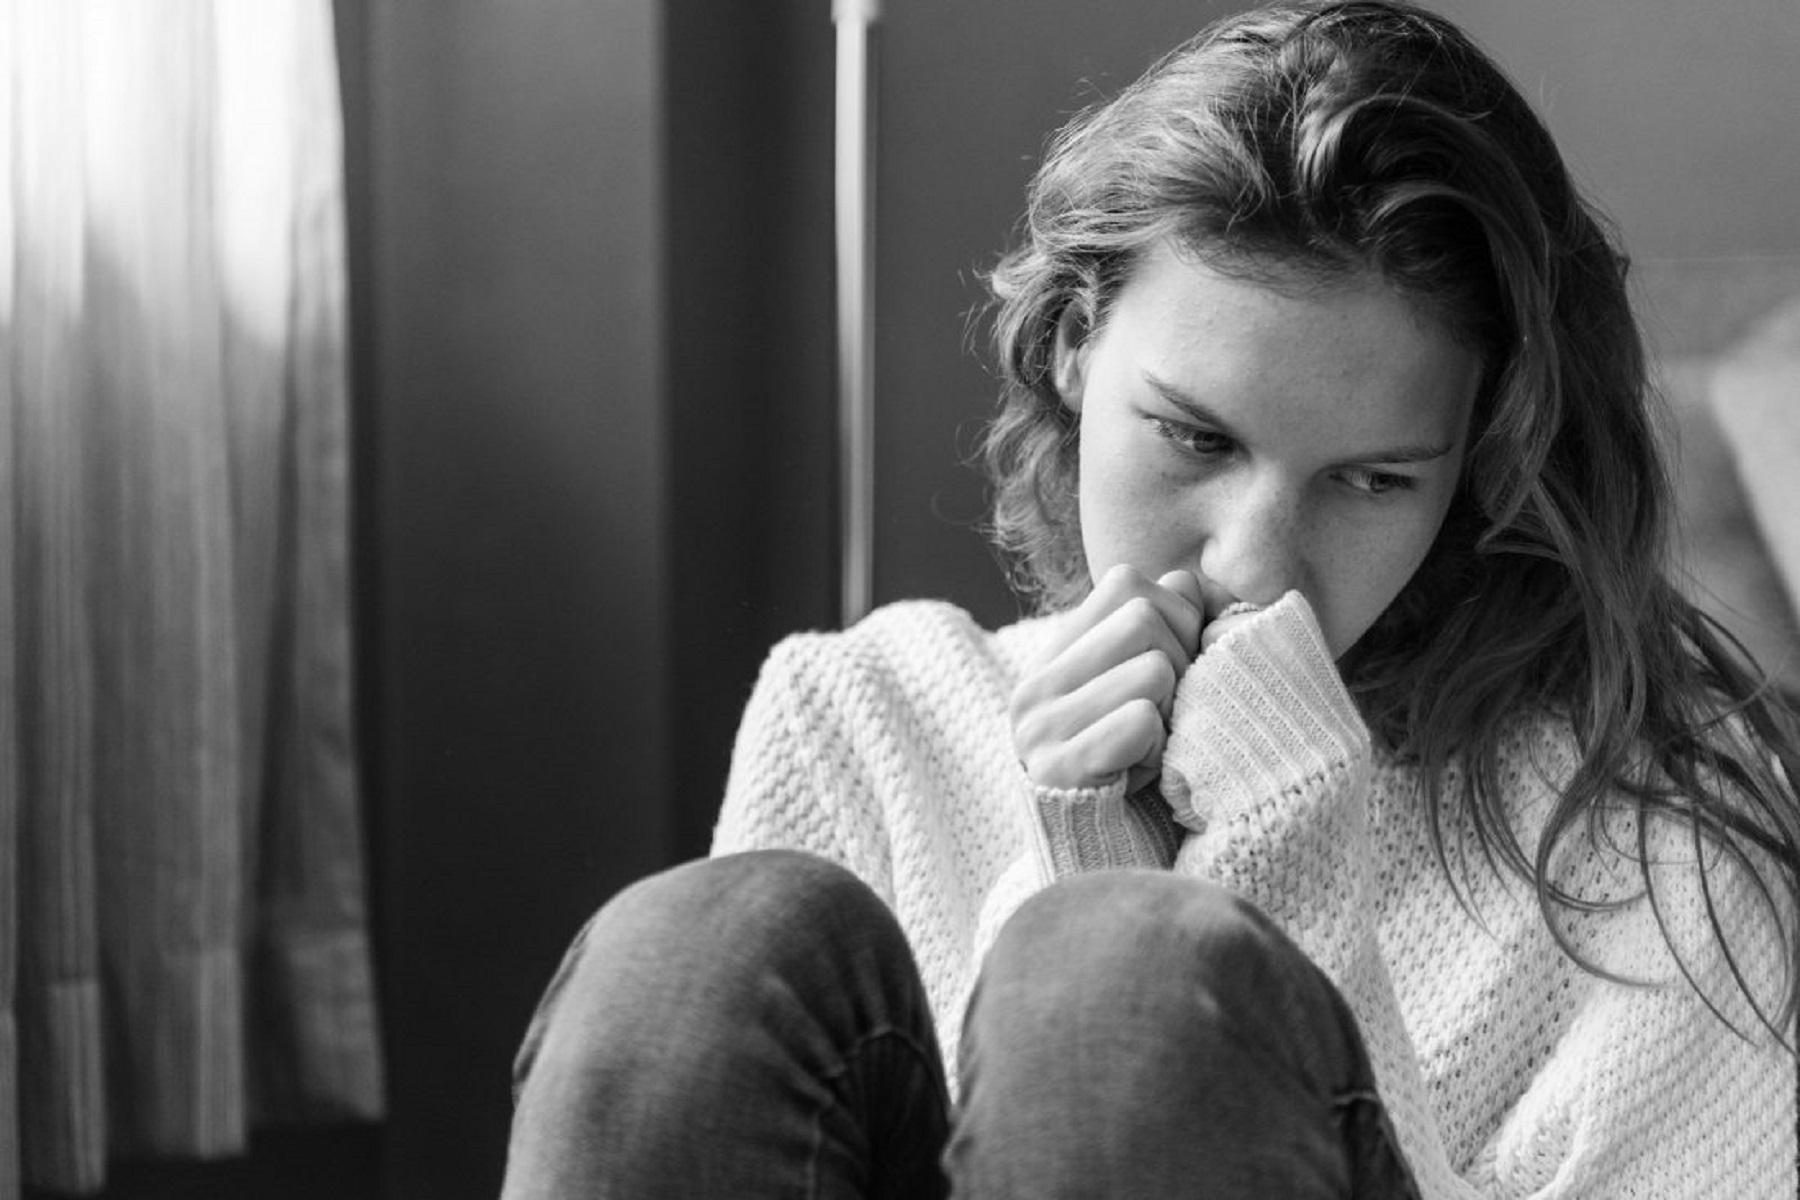 Εκδίκηση Πορνογραφία: Τι είναι αυτό που υποκινεί έναν άνδρα ή μια γυναίκα να πατήσει το κουμπί;